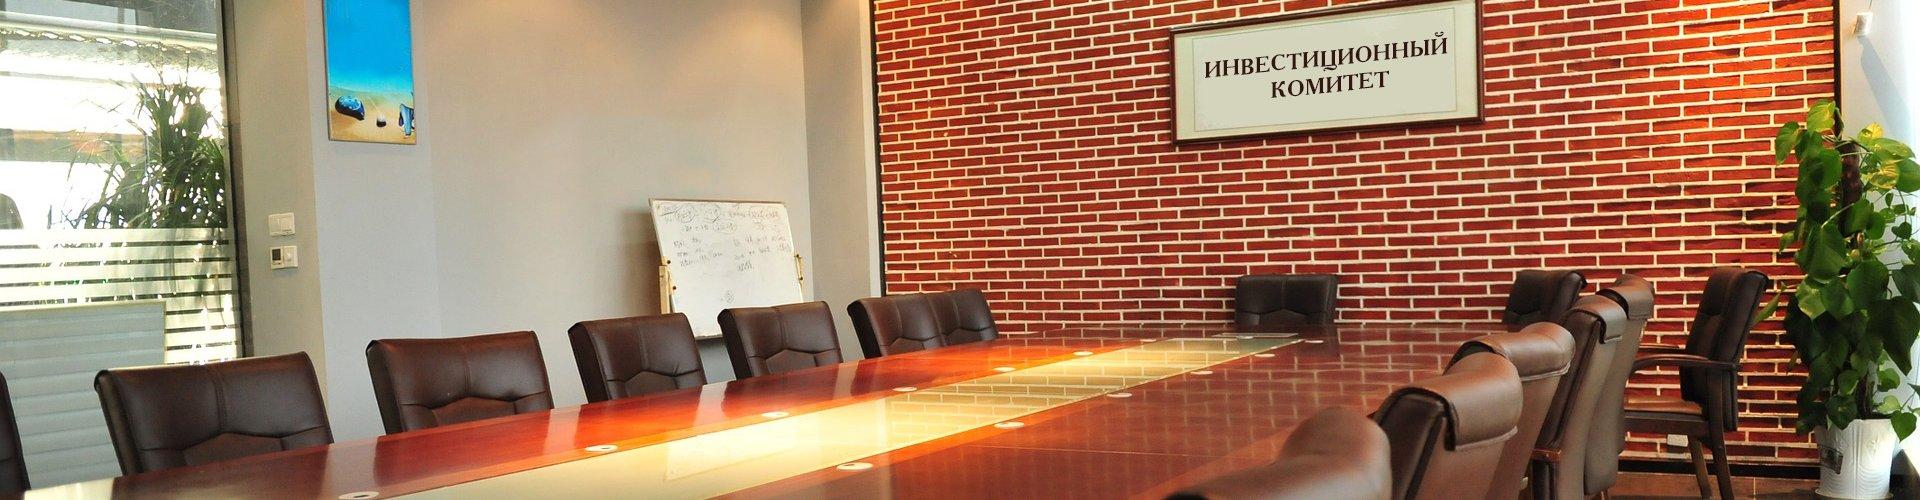 как контролировать свой ПИФ через совет инвесторов